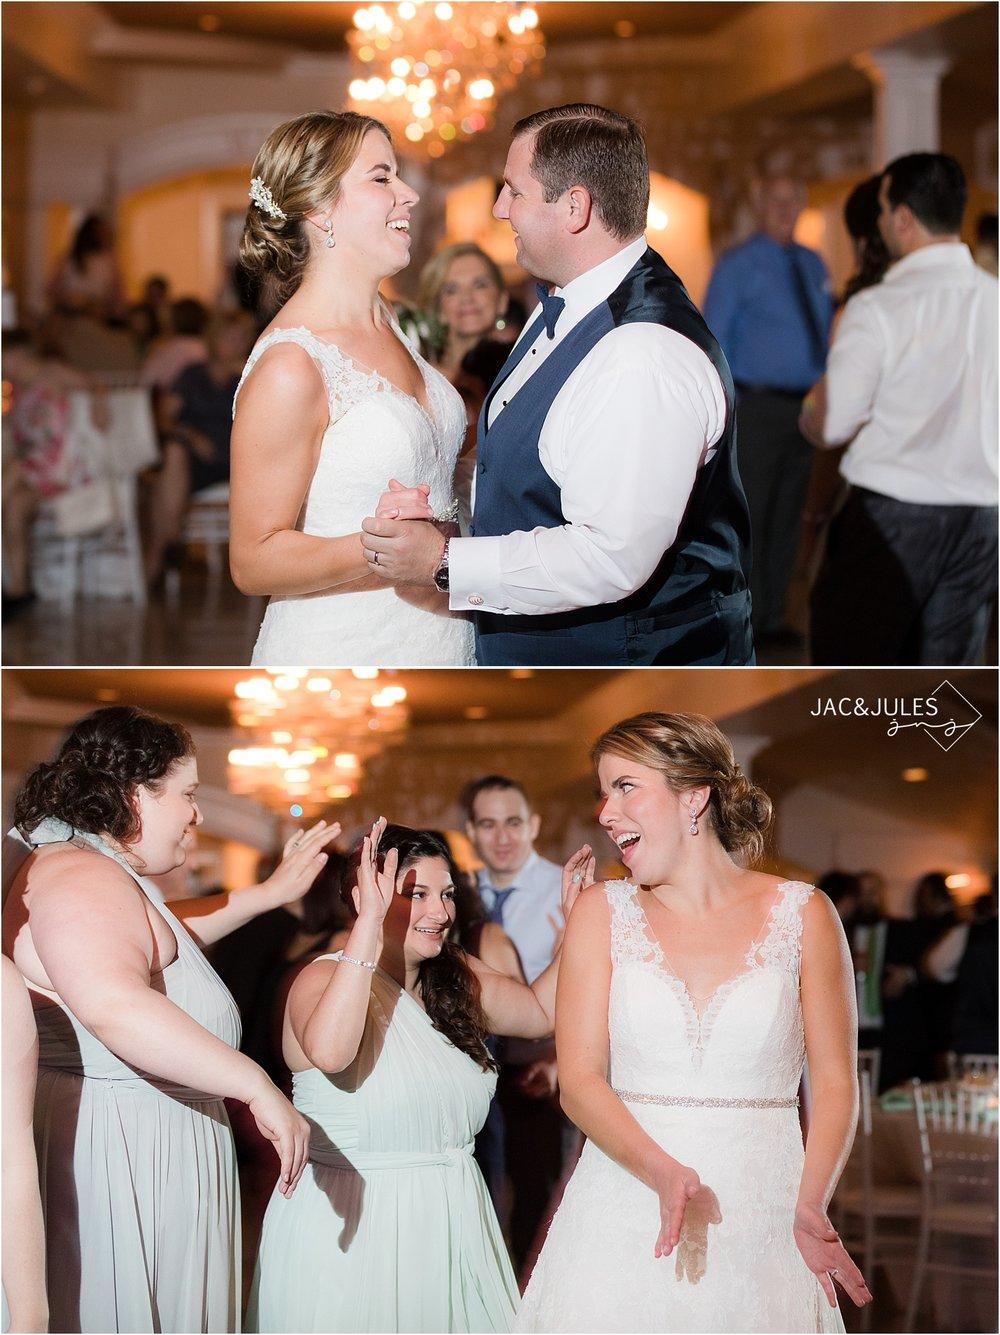 fun reception photo of girls dancing